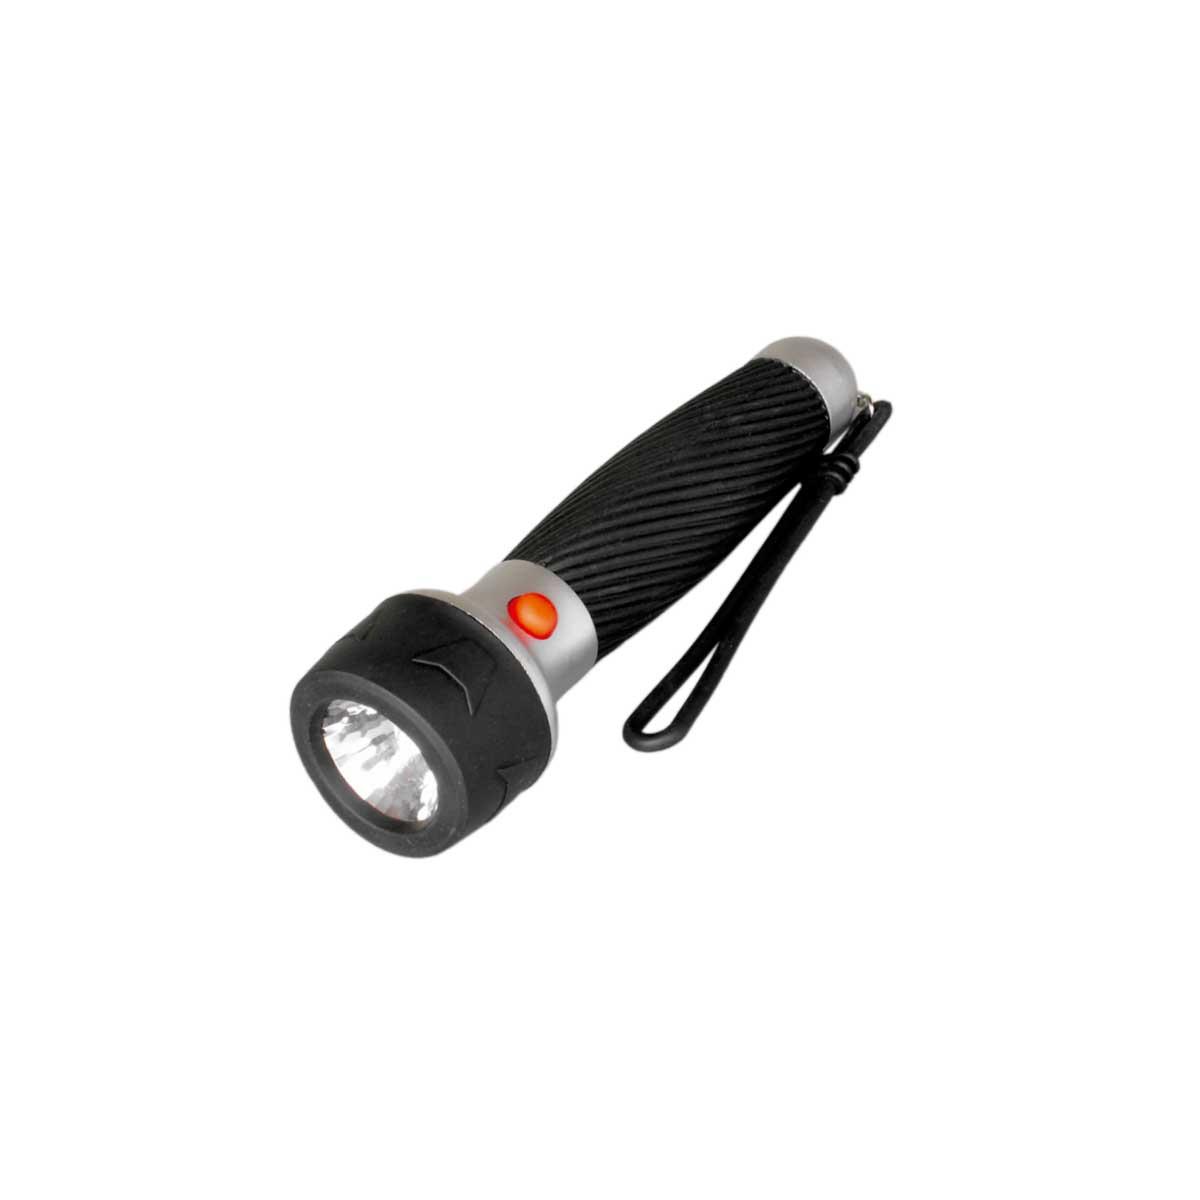 YD2522 - Lanterna Emborrachada YD 2522 - CSR